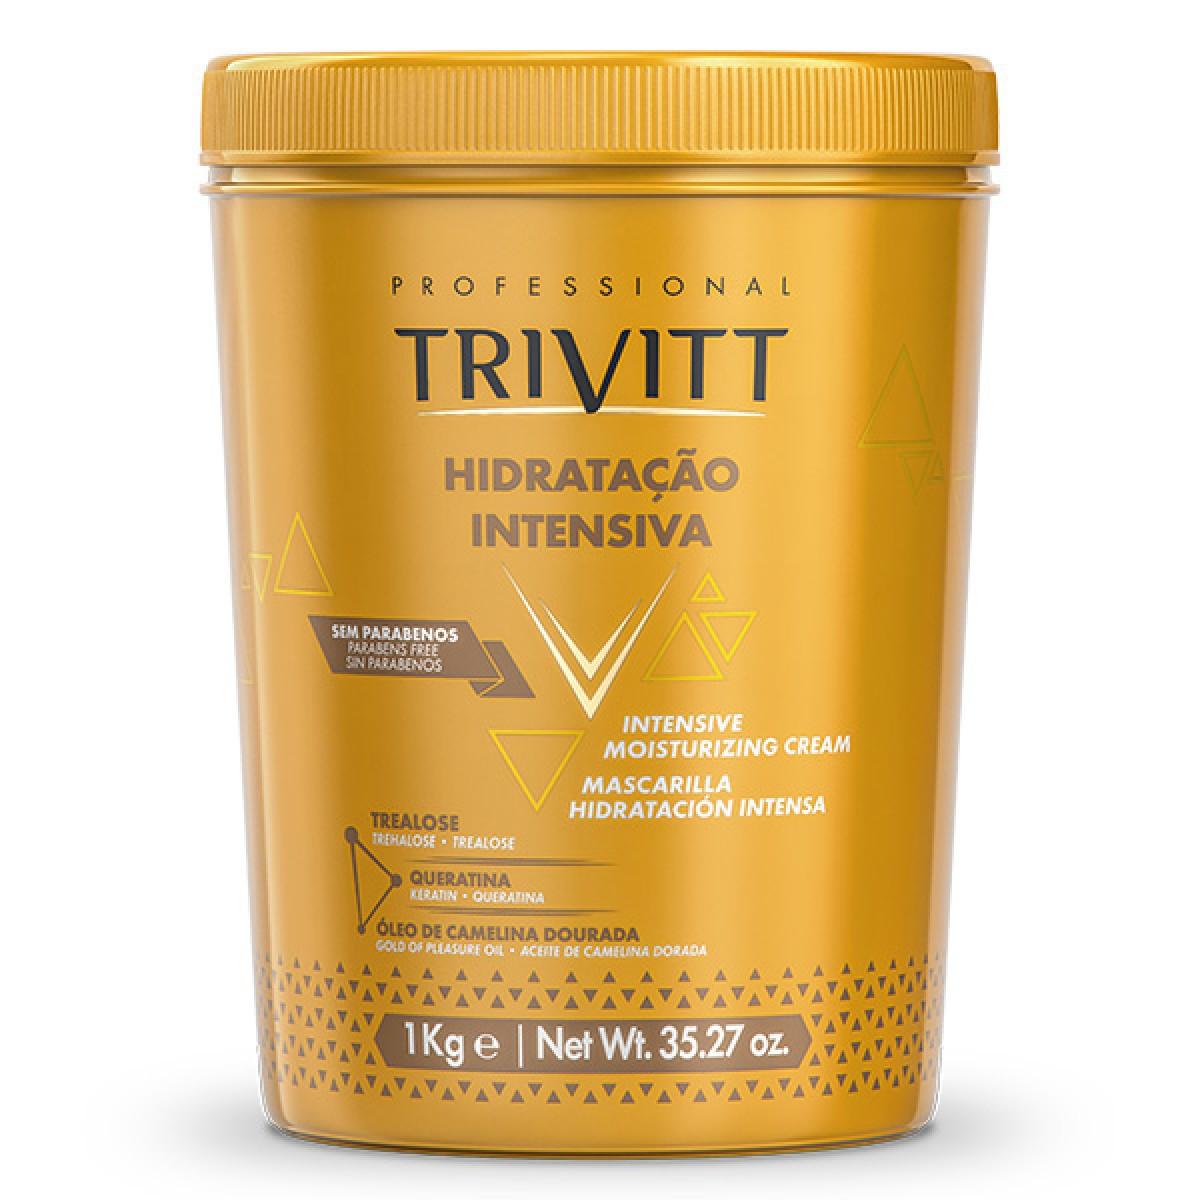 Creme de Hidratação Profissional Trivitt Com Reparador de pontas